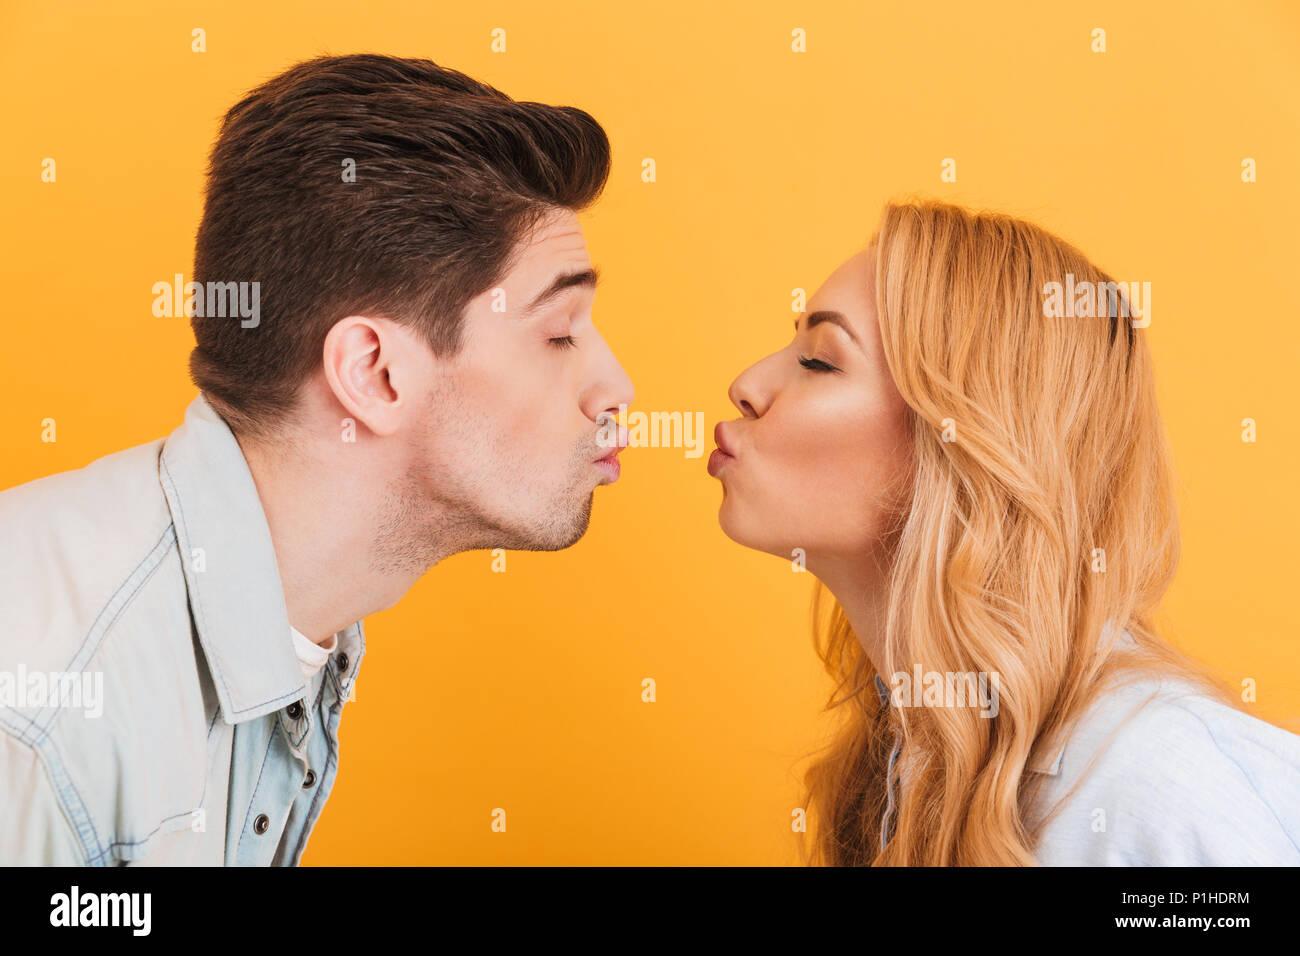 Profil Foto von junge schöne Menschen in Liebe Liebe und Zuneigung, während küssen einander, mit geschlossenen Augen über Gelb backgroun isoliert Stockbild